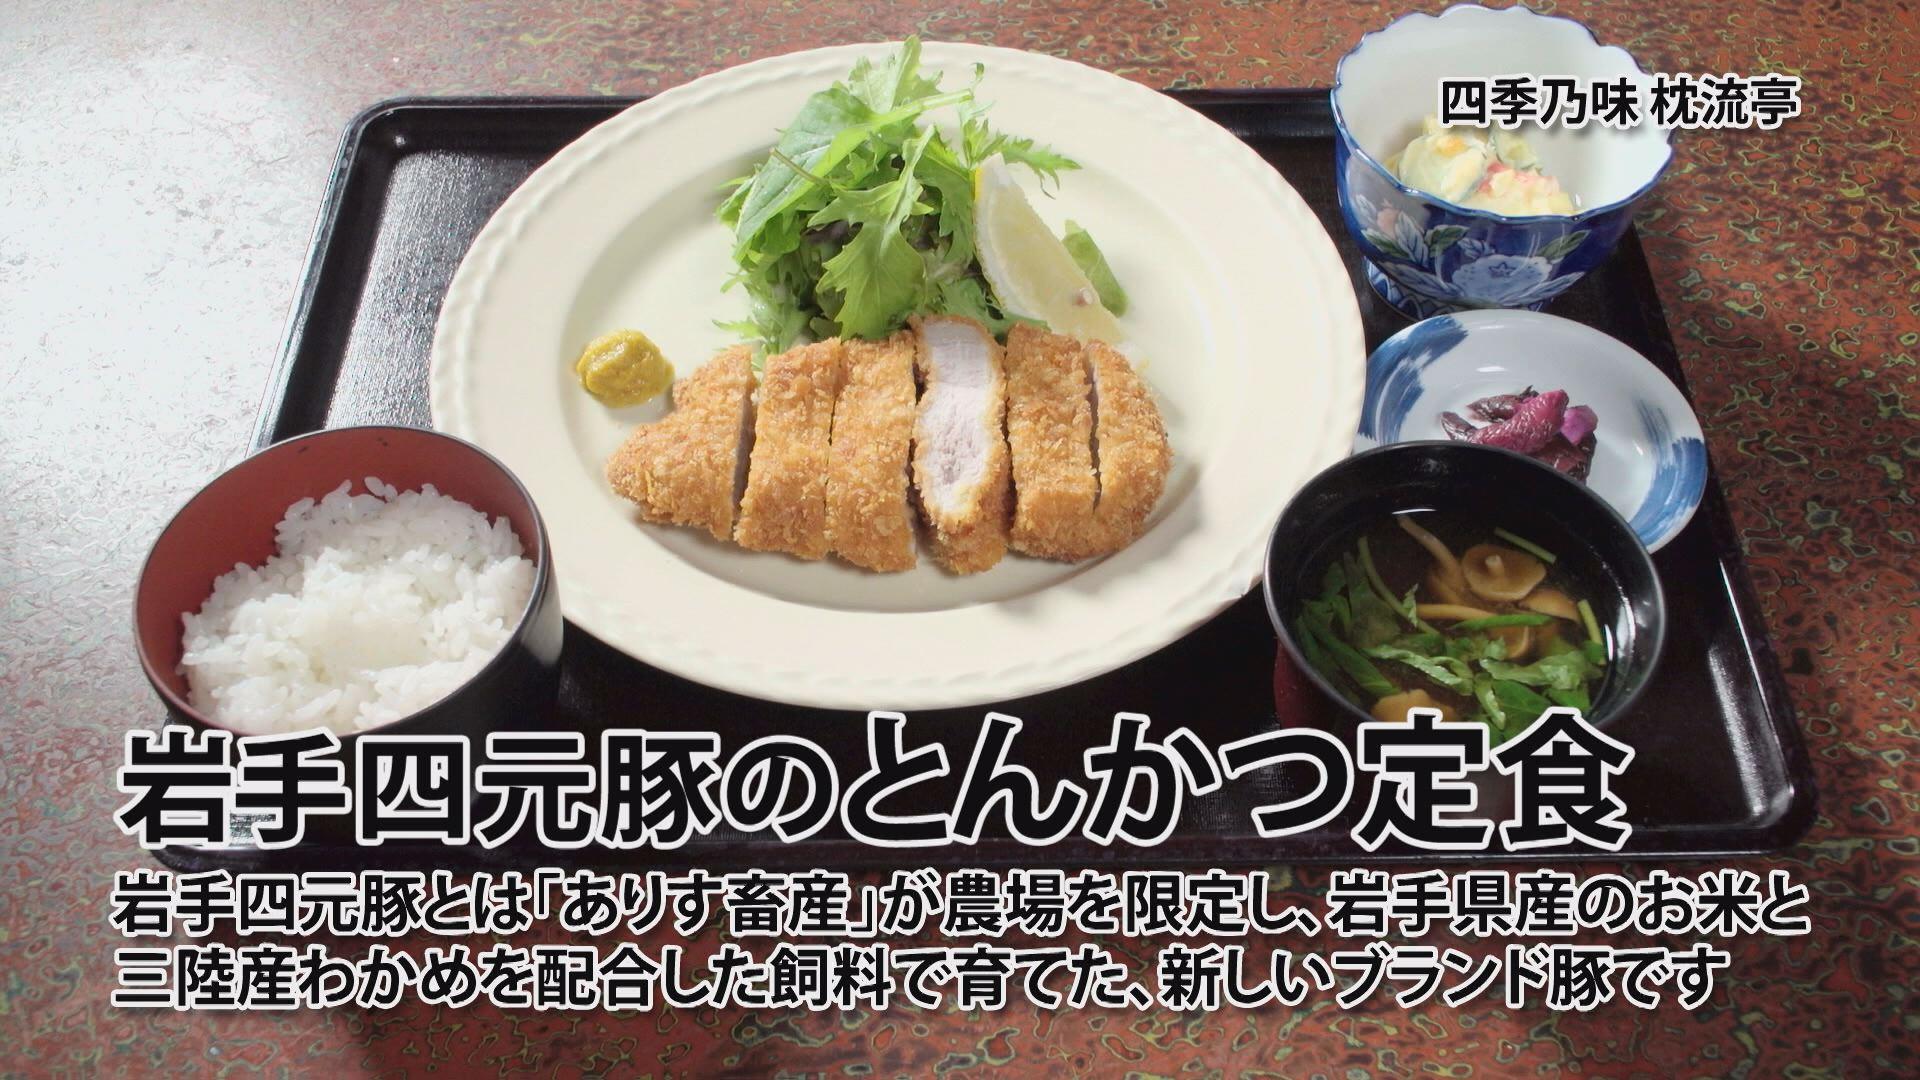 人気☆いわて四元豚ステーキ定食・とんかつ定食